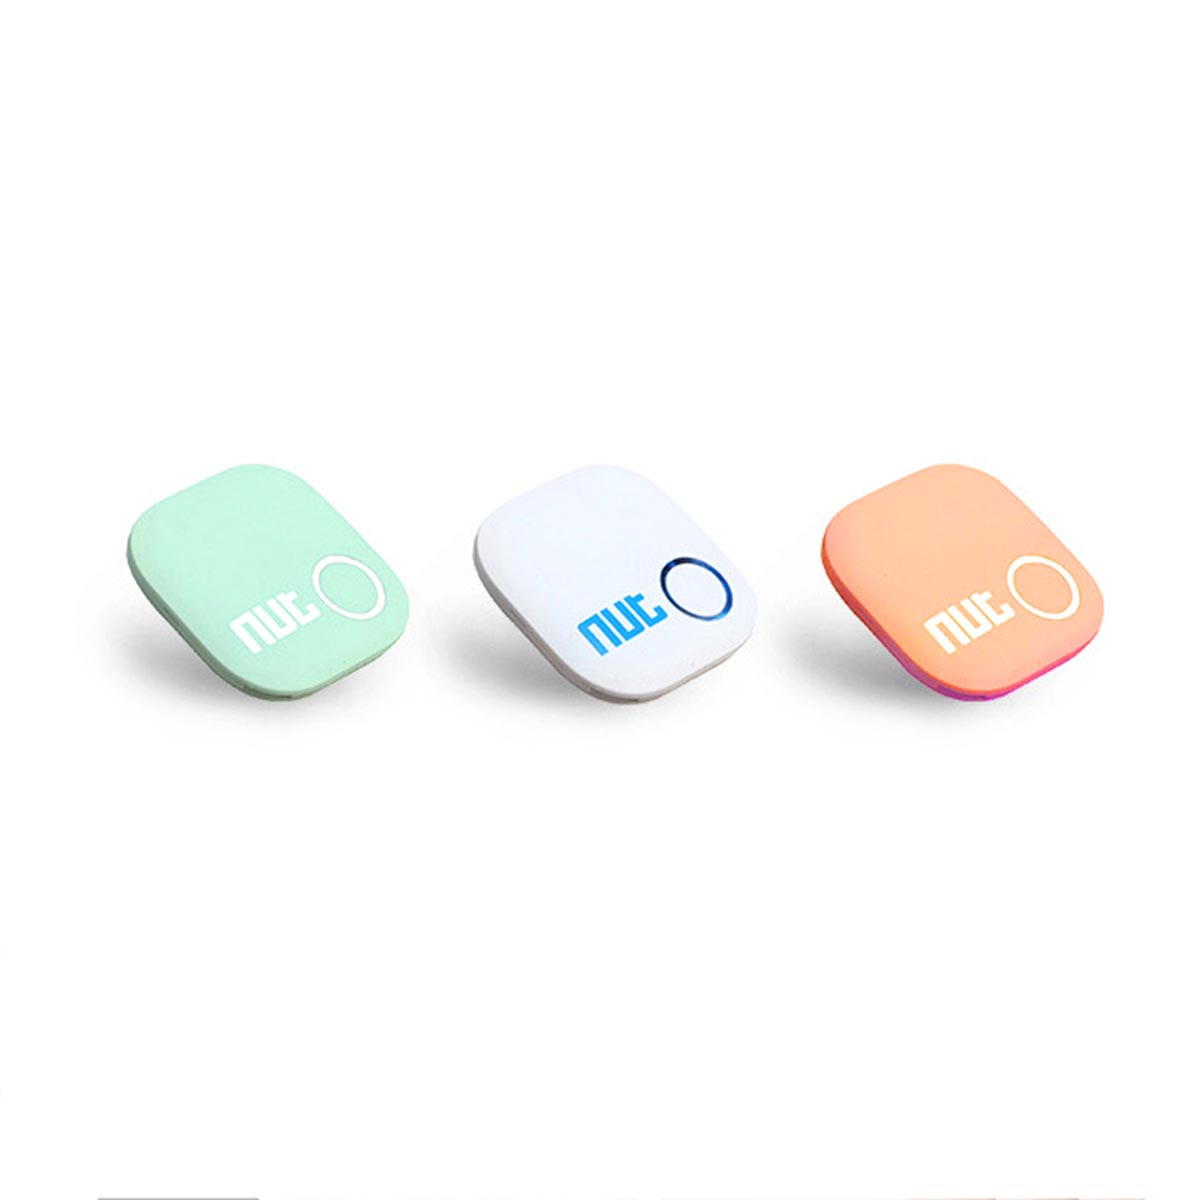 100% Wahr Mutter 2 Schlüssel Finder Smart Bluetooth Wireless Gps Locator Nut2 Anti-verloren Tracker Sensor Alarm Detektor Für Kind Fahrrad Pet Um Eine Reibungslose üBertragung Zu GewäHrleisten